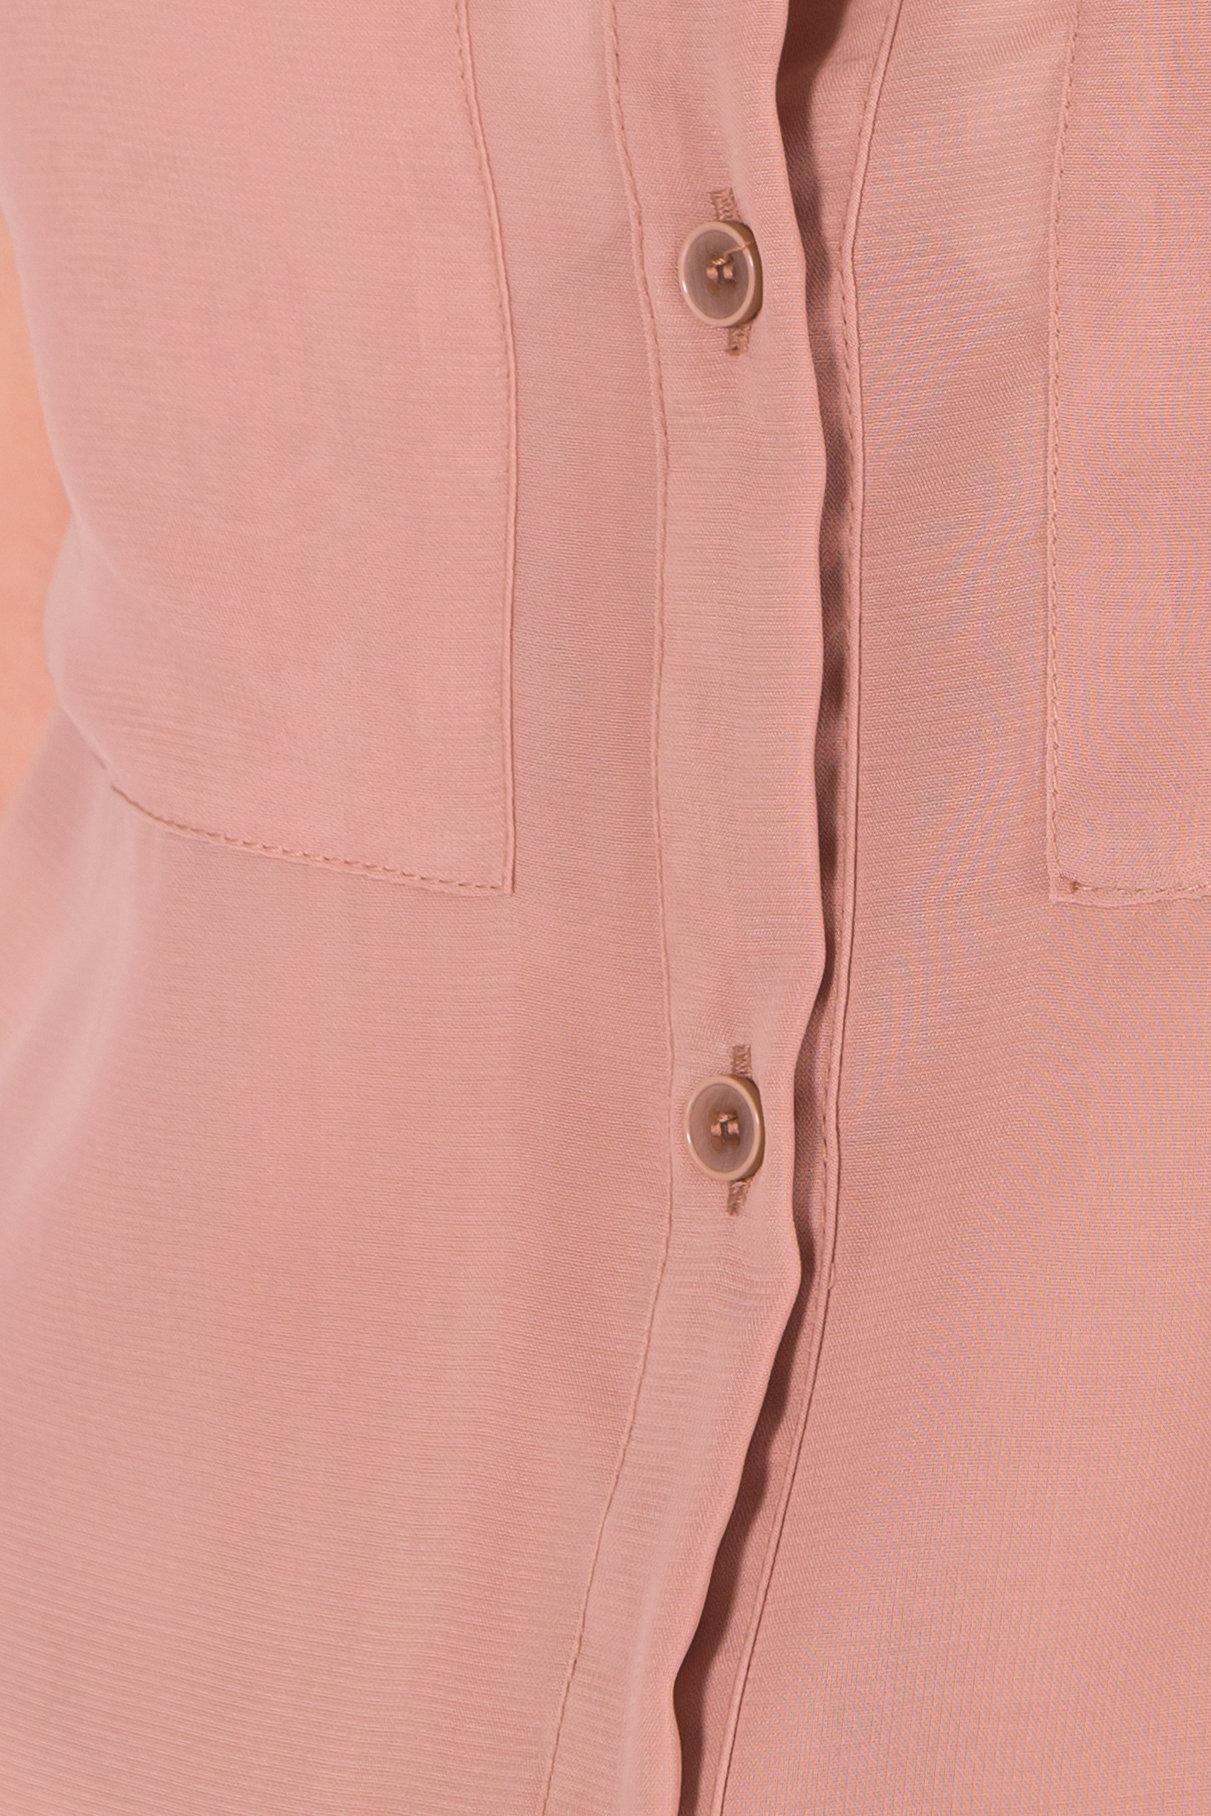 Шифоновая Рубашка Айра 7456 АРТ. 43420 Цвет: Бежевый - фото 4, интернет магазин tm-modus.ru